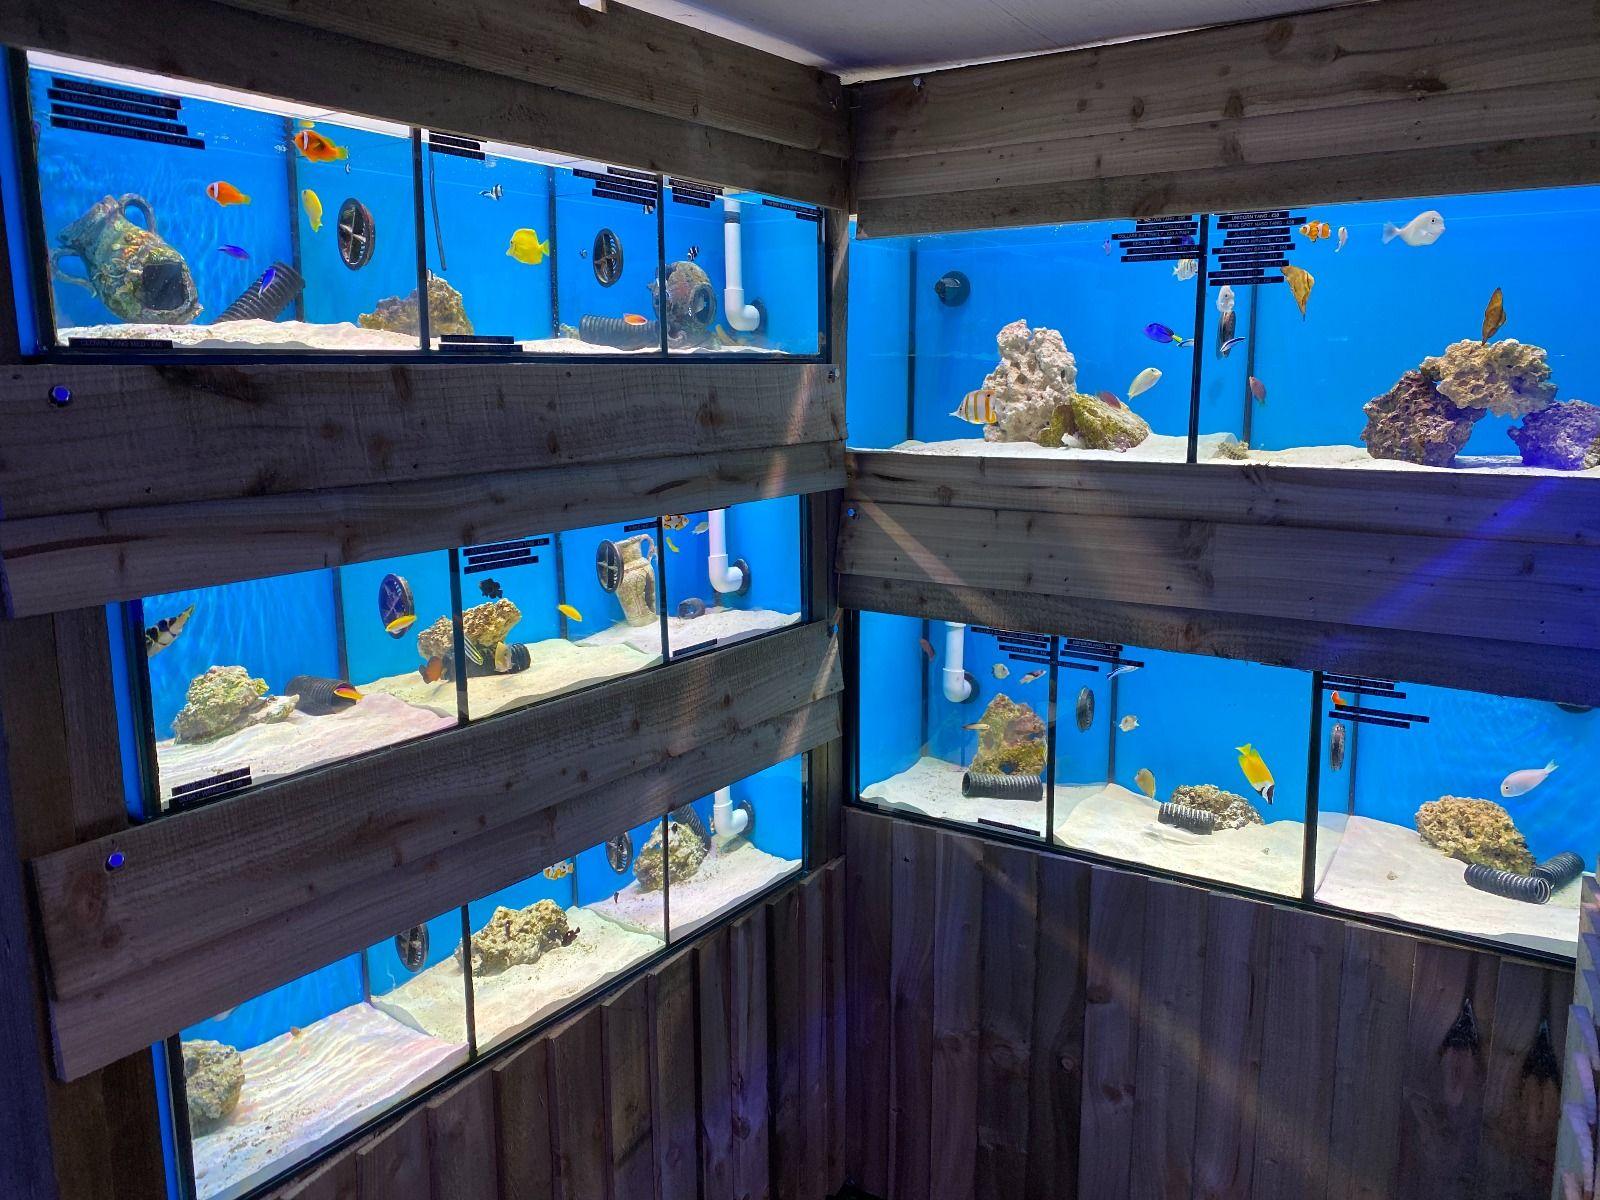 Marine Room - Fish